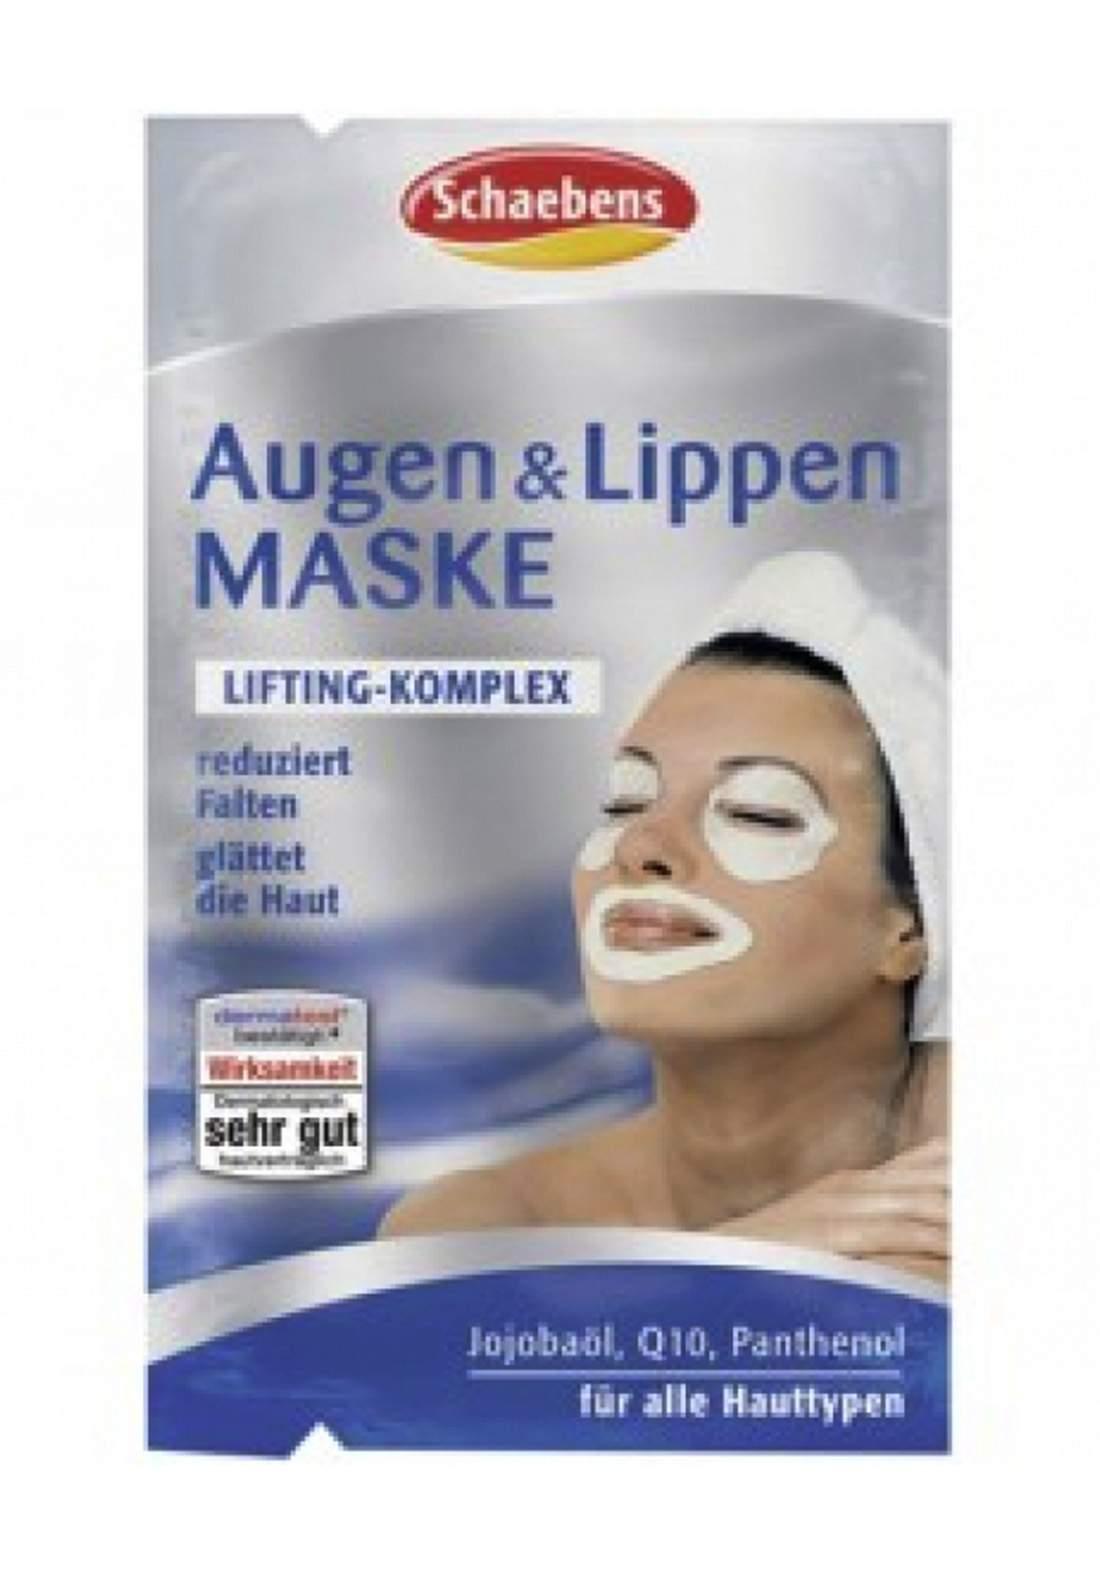 Schaebens German Anti-Wrinkle Mask Around The Eyes And Lip Area قناع  مضاد للتجاعيد حول العينين ومنطقة الشفاه